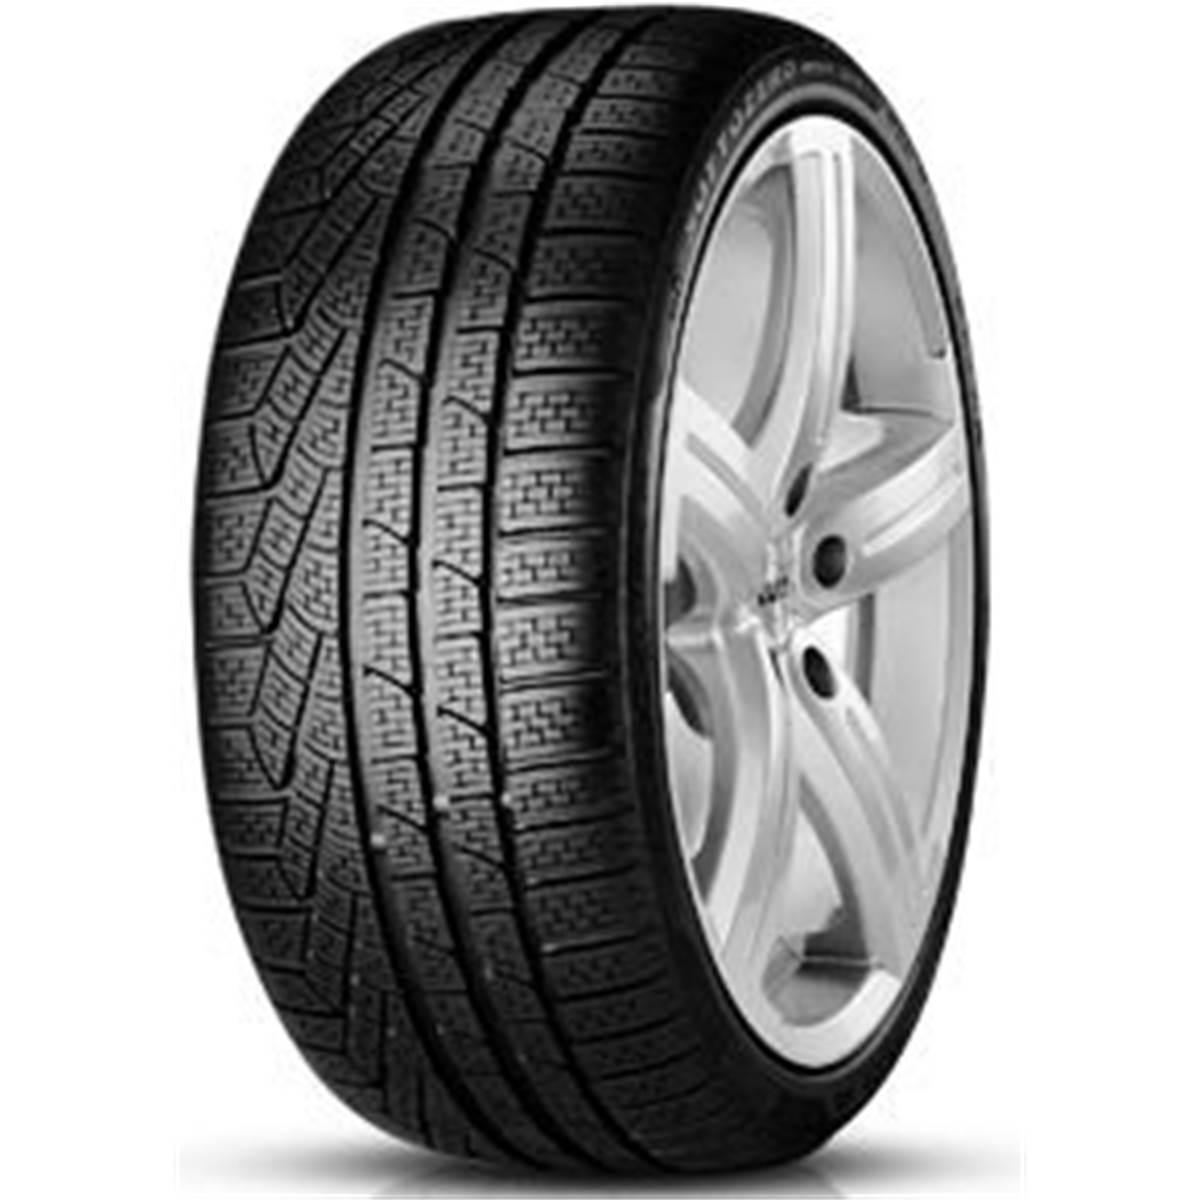 Pirelli Winter 270 Sottozero S2 Ao Xl